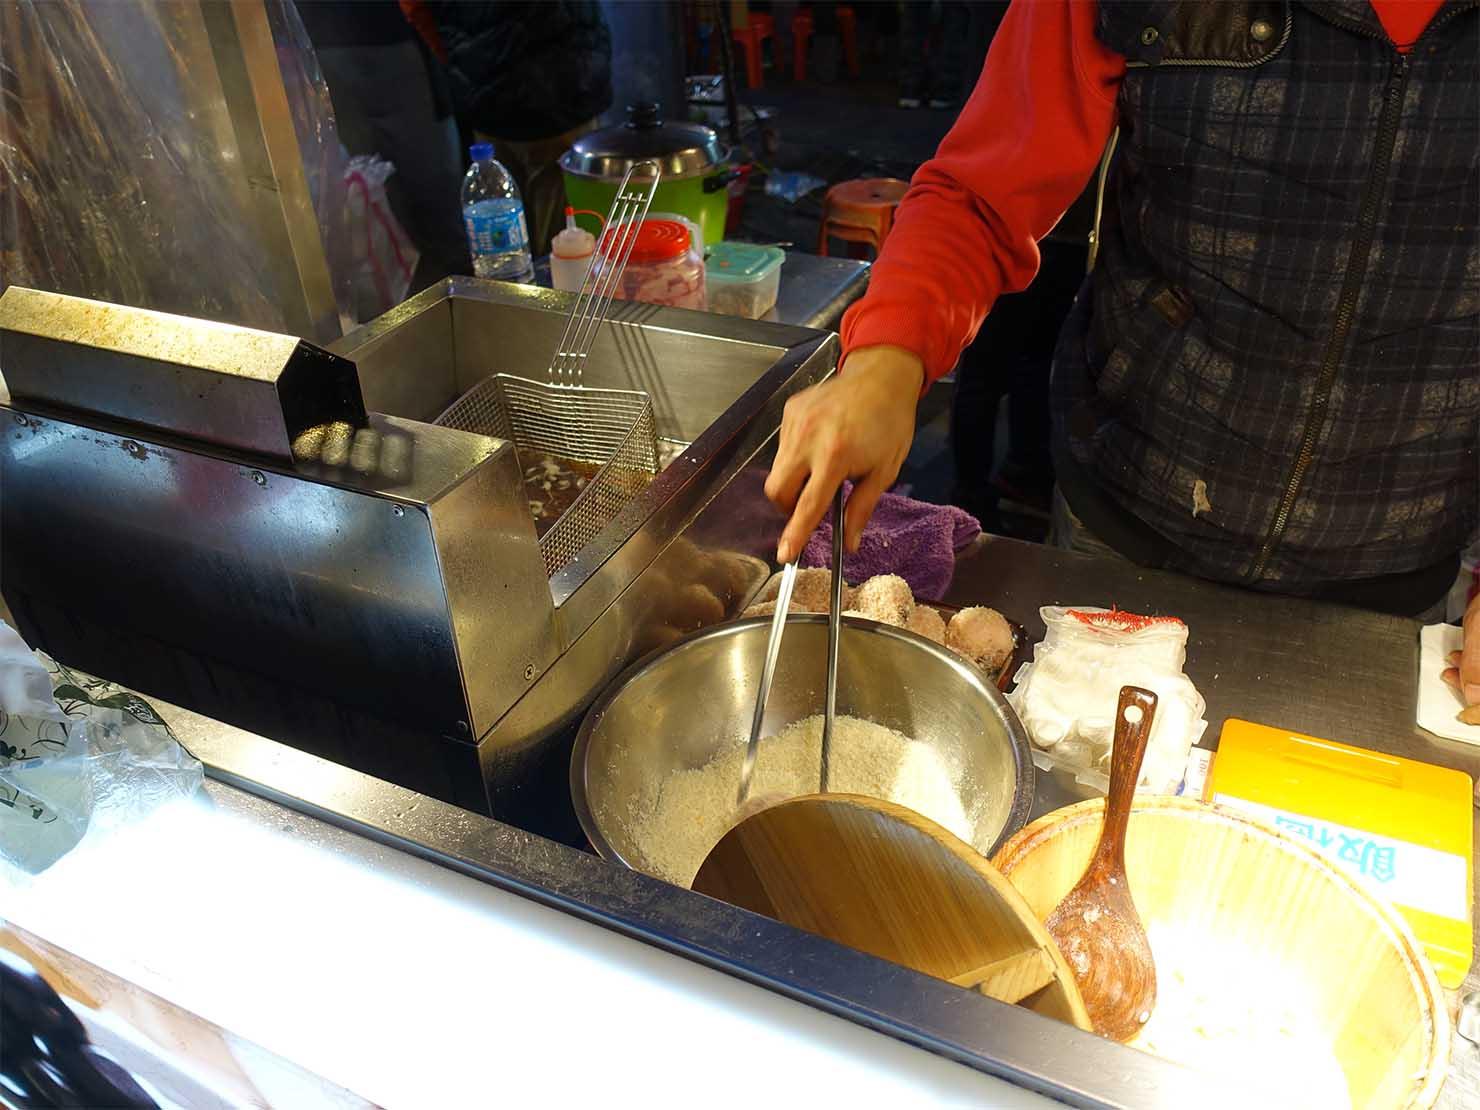 台湾の夜市で食べられる日本グルメ「炸飯糰(揚げおにぎり)」屋台で揚げられるおにぎり